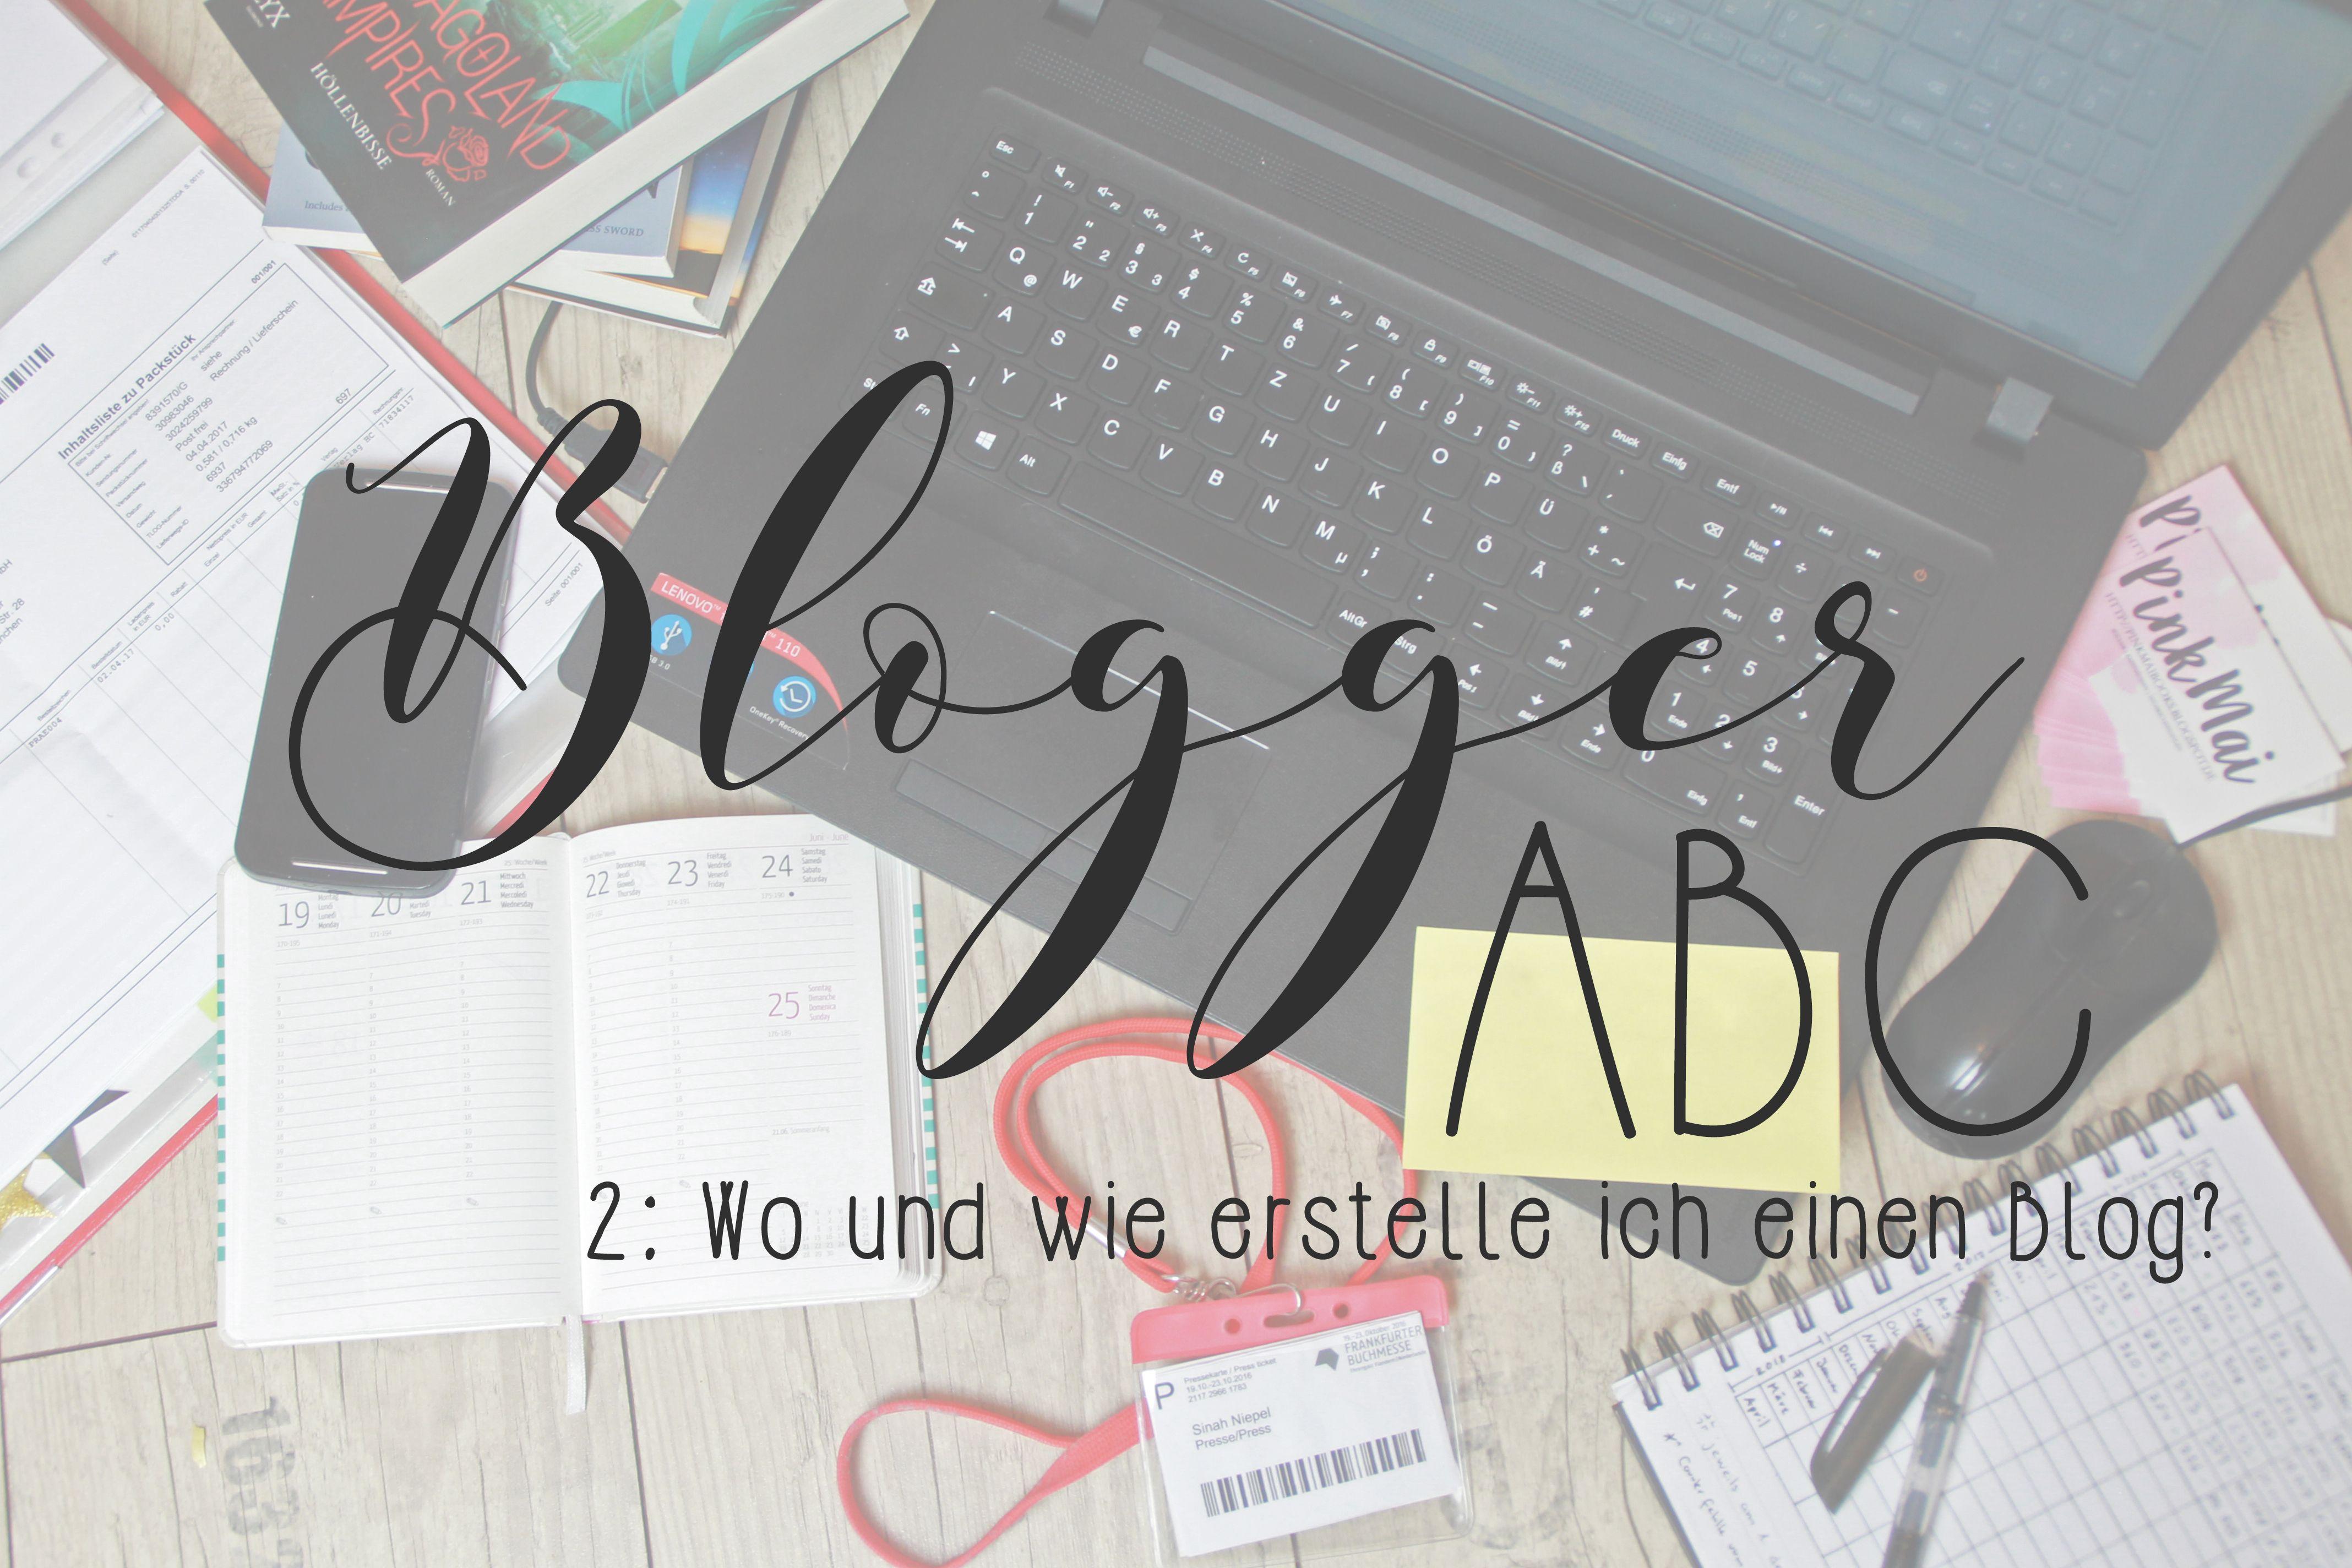 Groß Wie Zu Drei Zeitgenössisch - Verdrahtungsideen - korsmi.info